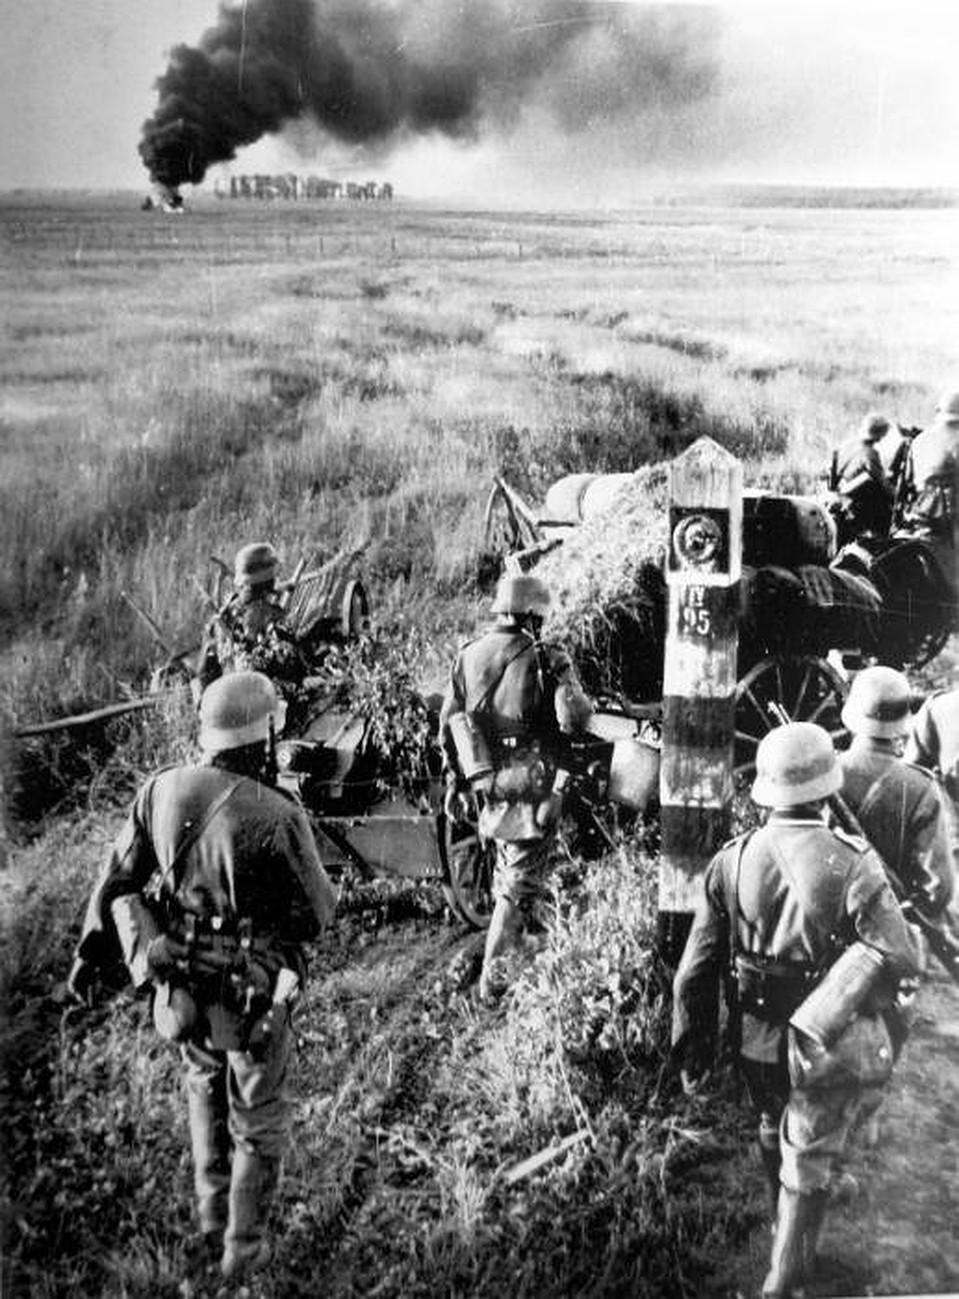 Германские войска вторгаются на территорию СССР, 22 июня 1941 года. Фото: wikimedia.org